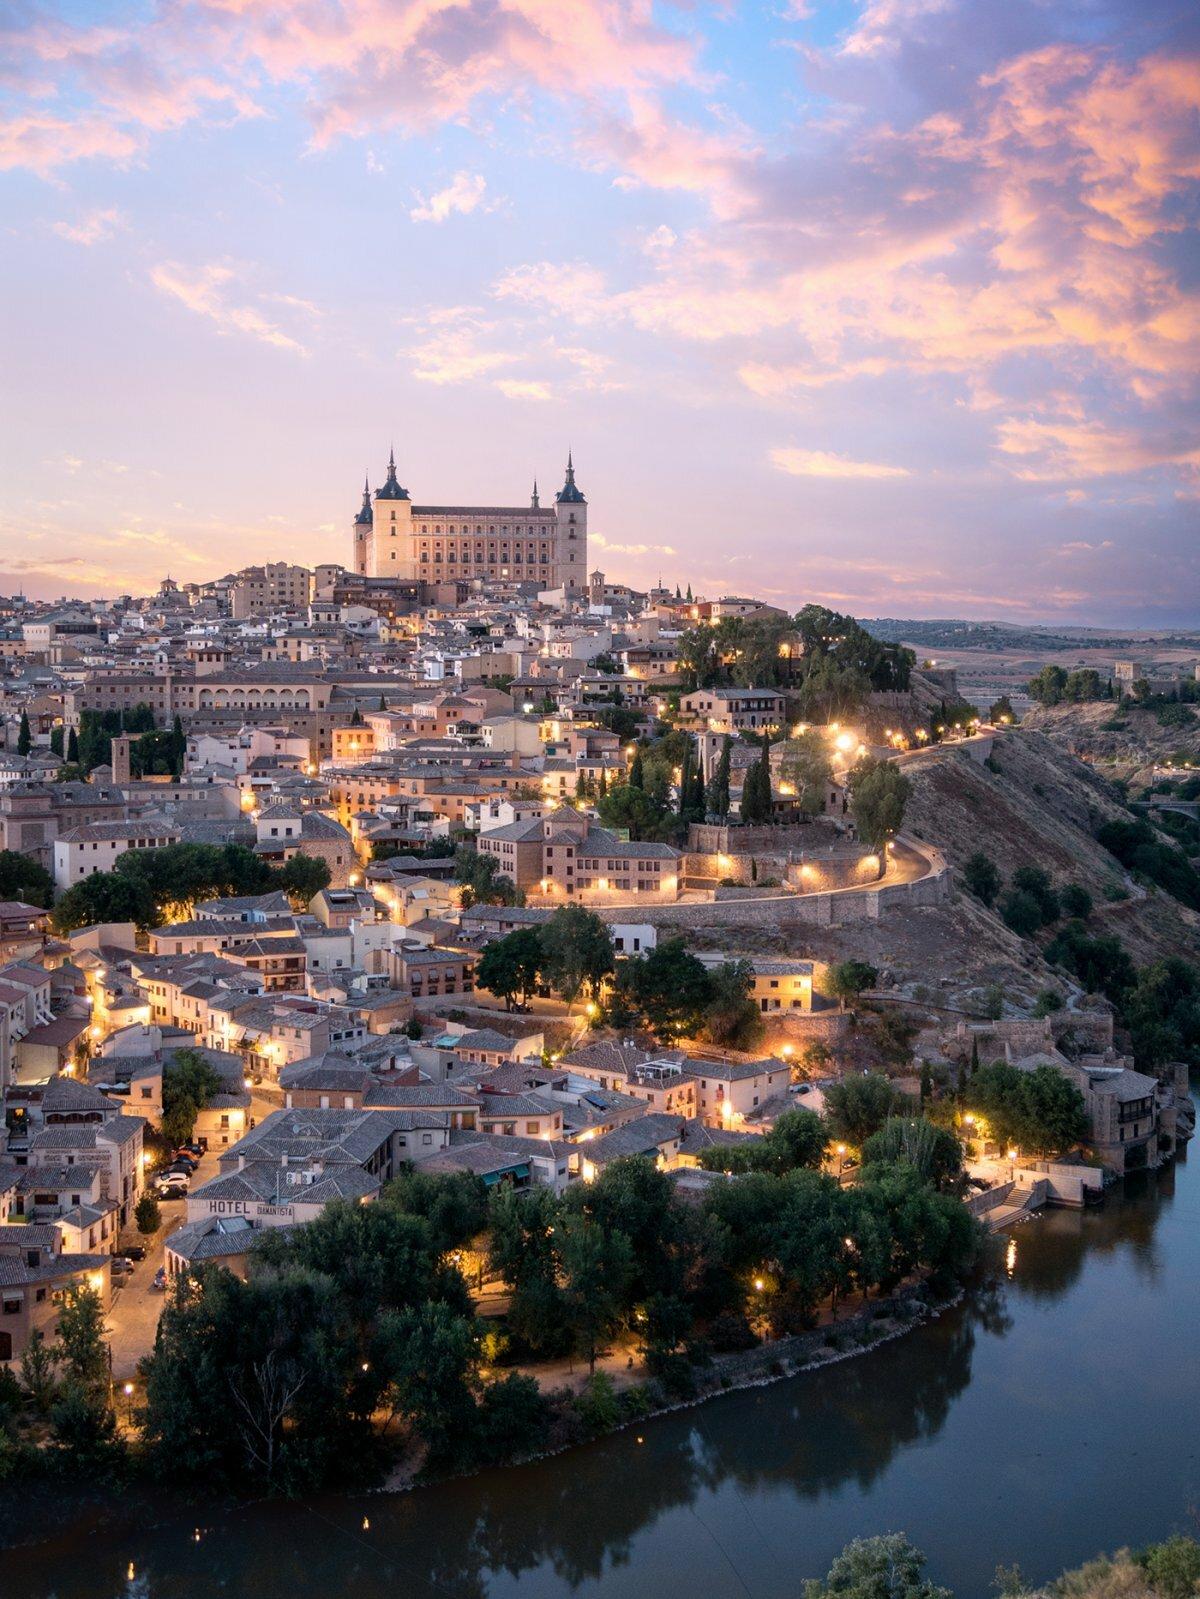 Испания картинки хорошего качества